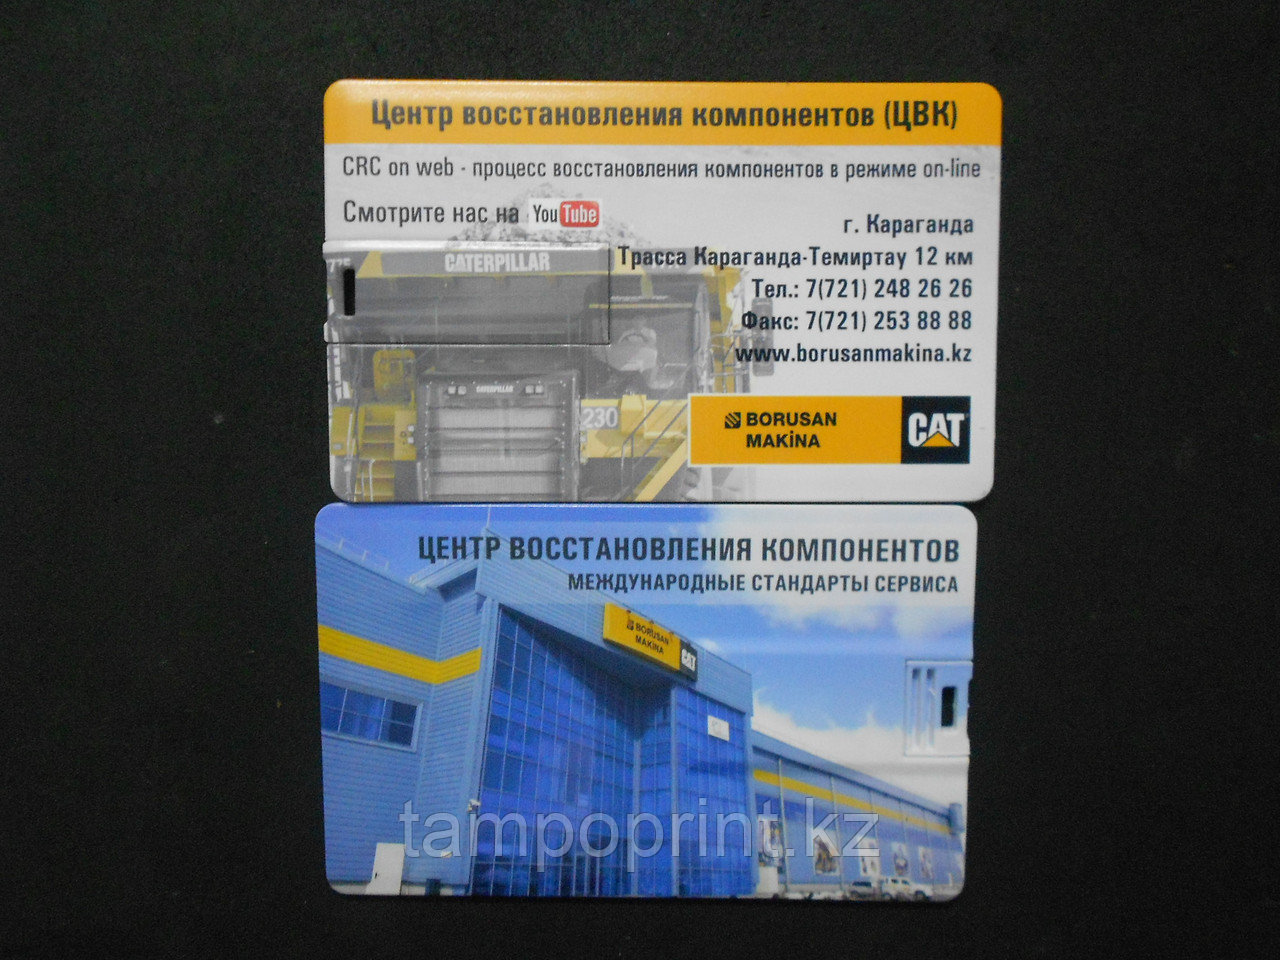 Флешка карточка 2, 4, 8, 16, 32, 64 гб в Караганде. Бесплатная доставка по Казахстану.